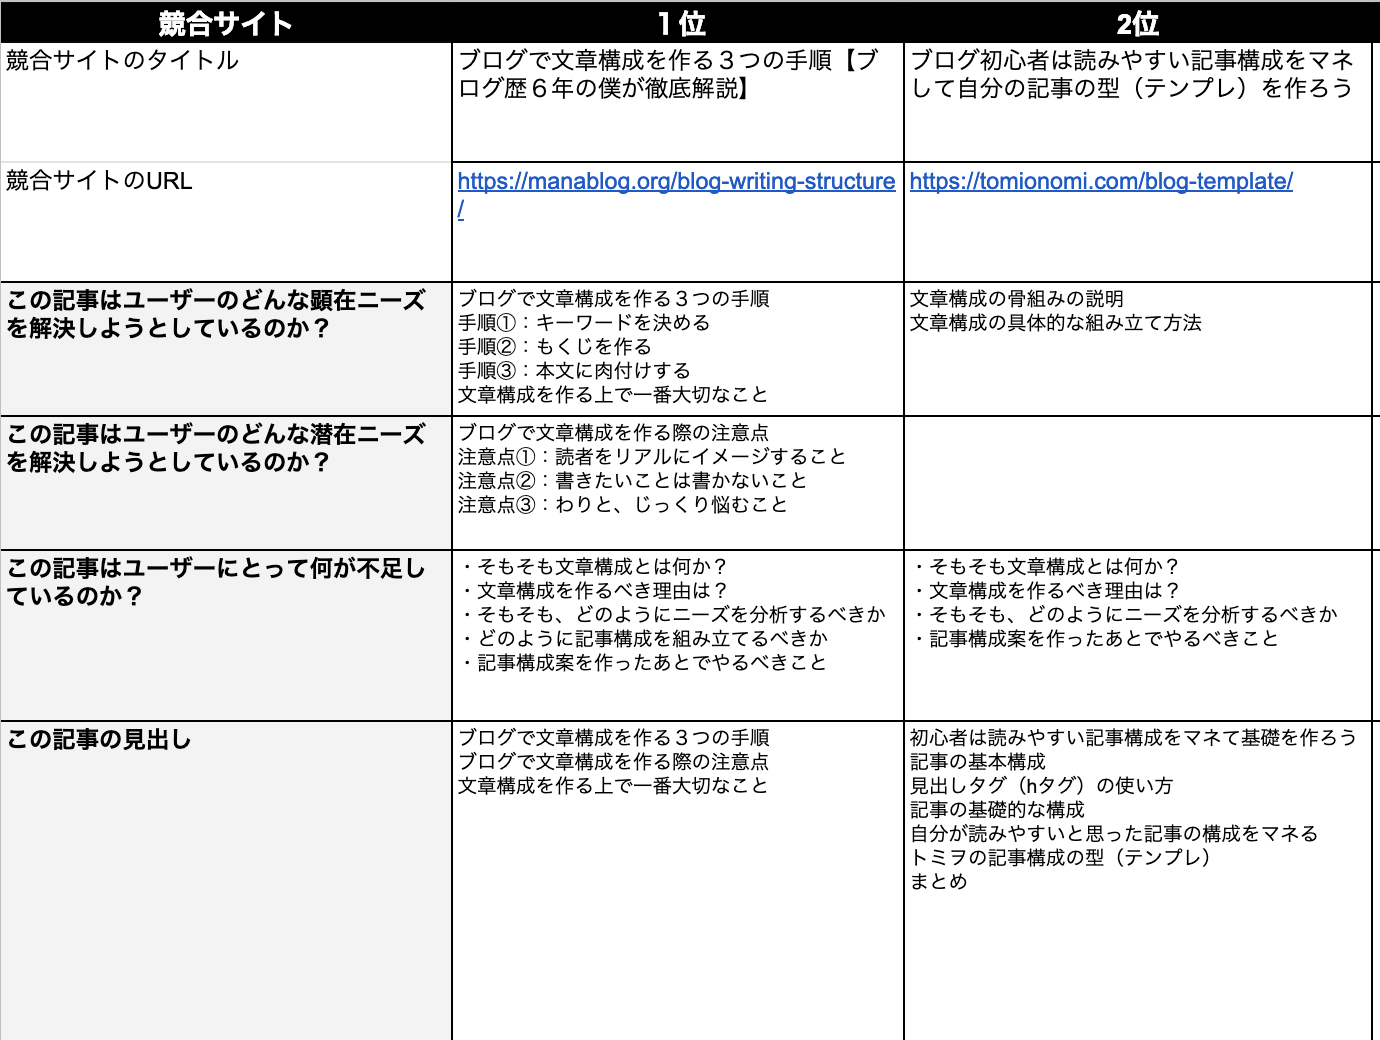 ブログ記事構成の作り方3ステップ(ニーズ分析:競合サイト分析)